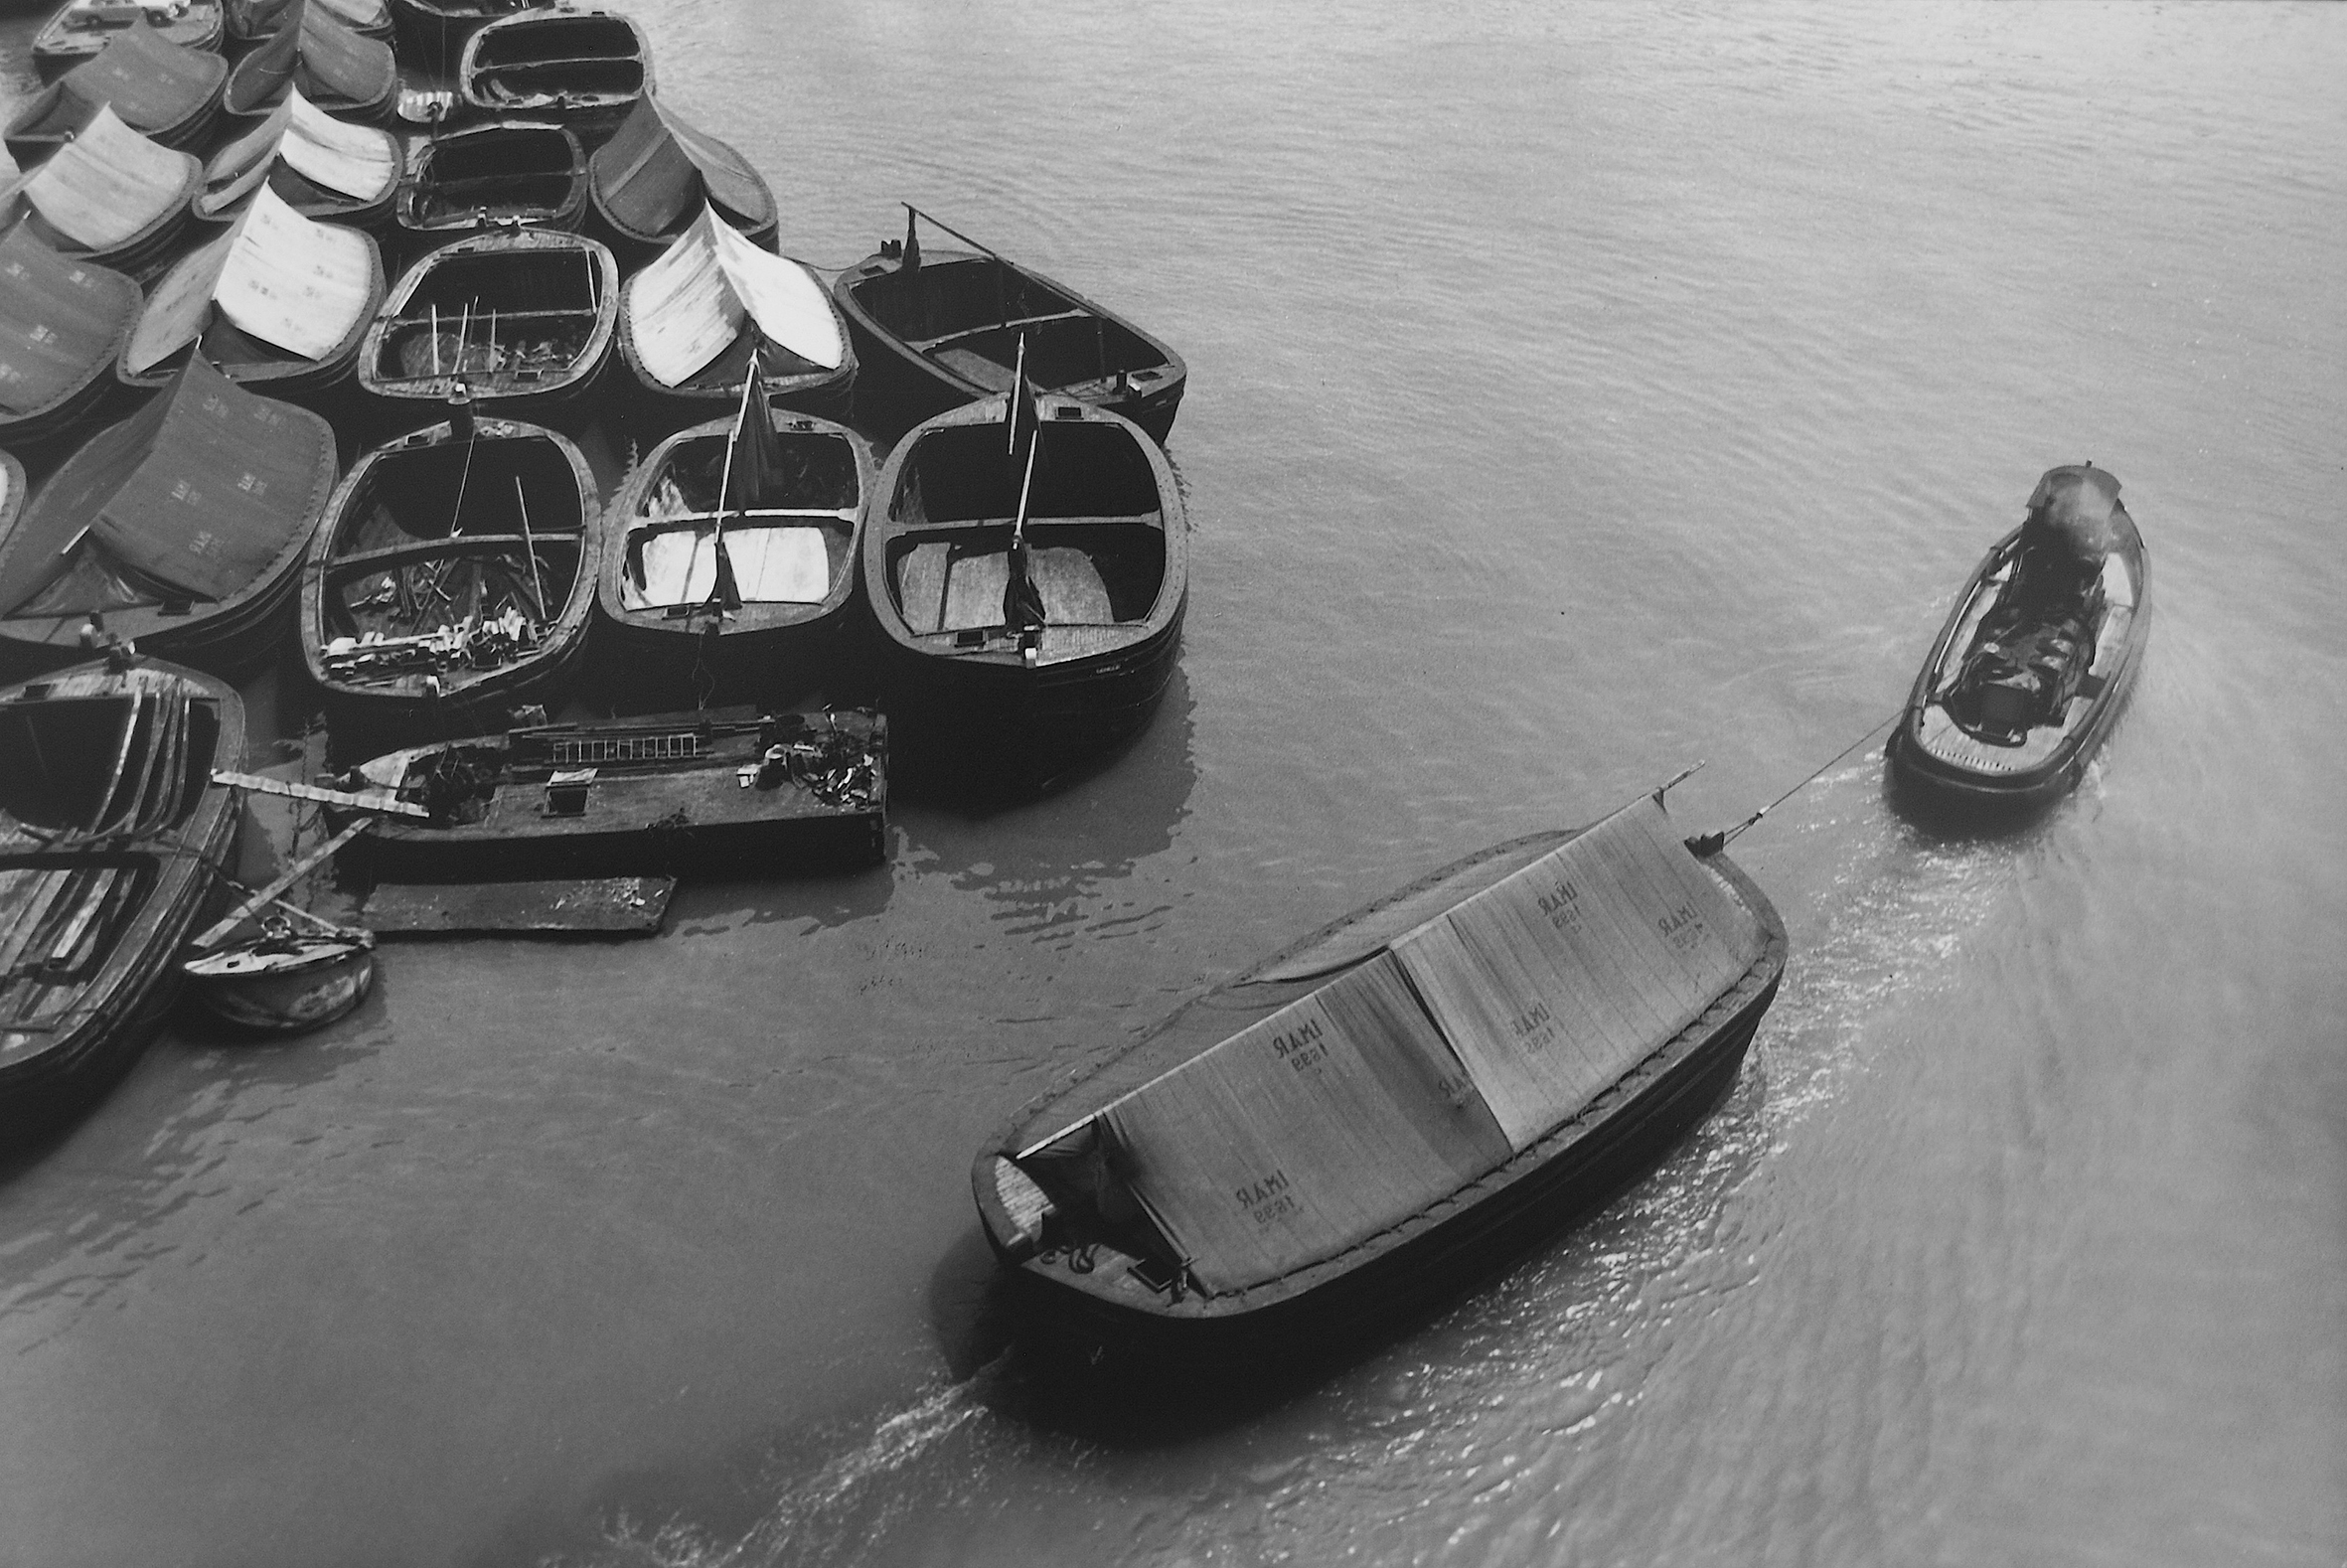 Il porto di Genova negli anni Sessanta, tra lavoratori e paesaggio, è il tema della ricerca di Lisetta Carmi presentata alla Biennale Donna (courtesy Martini & Ronchetti).